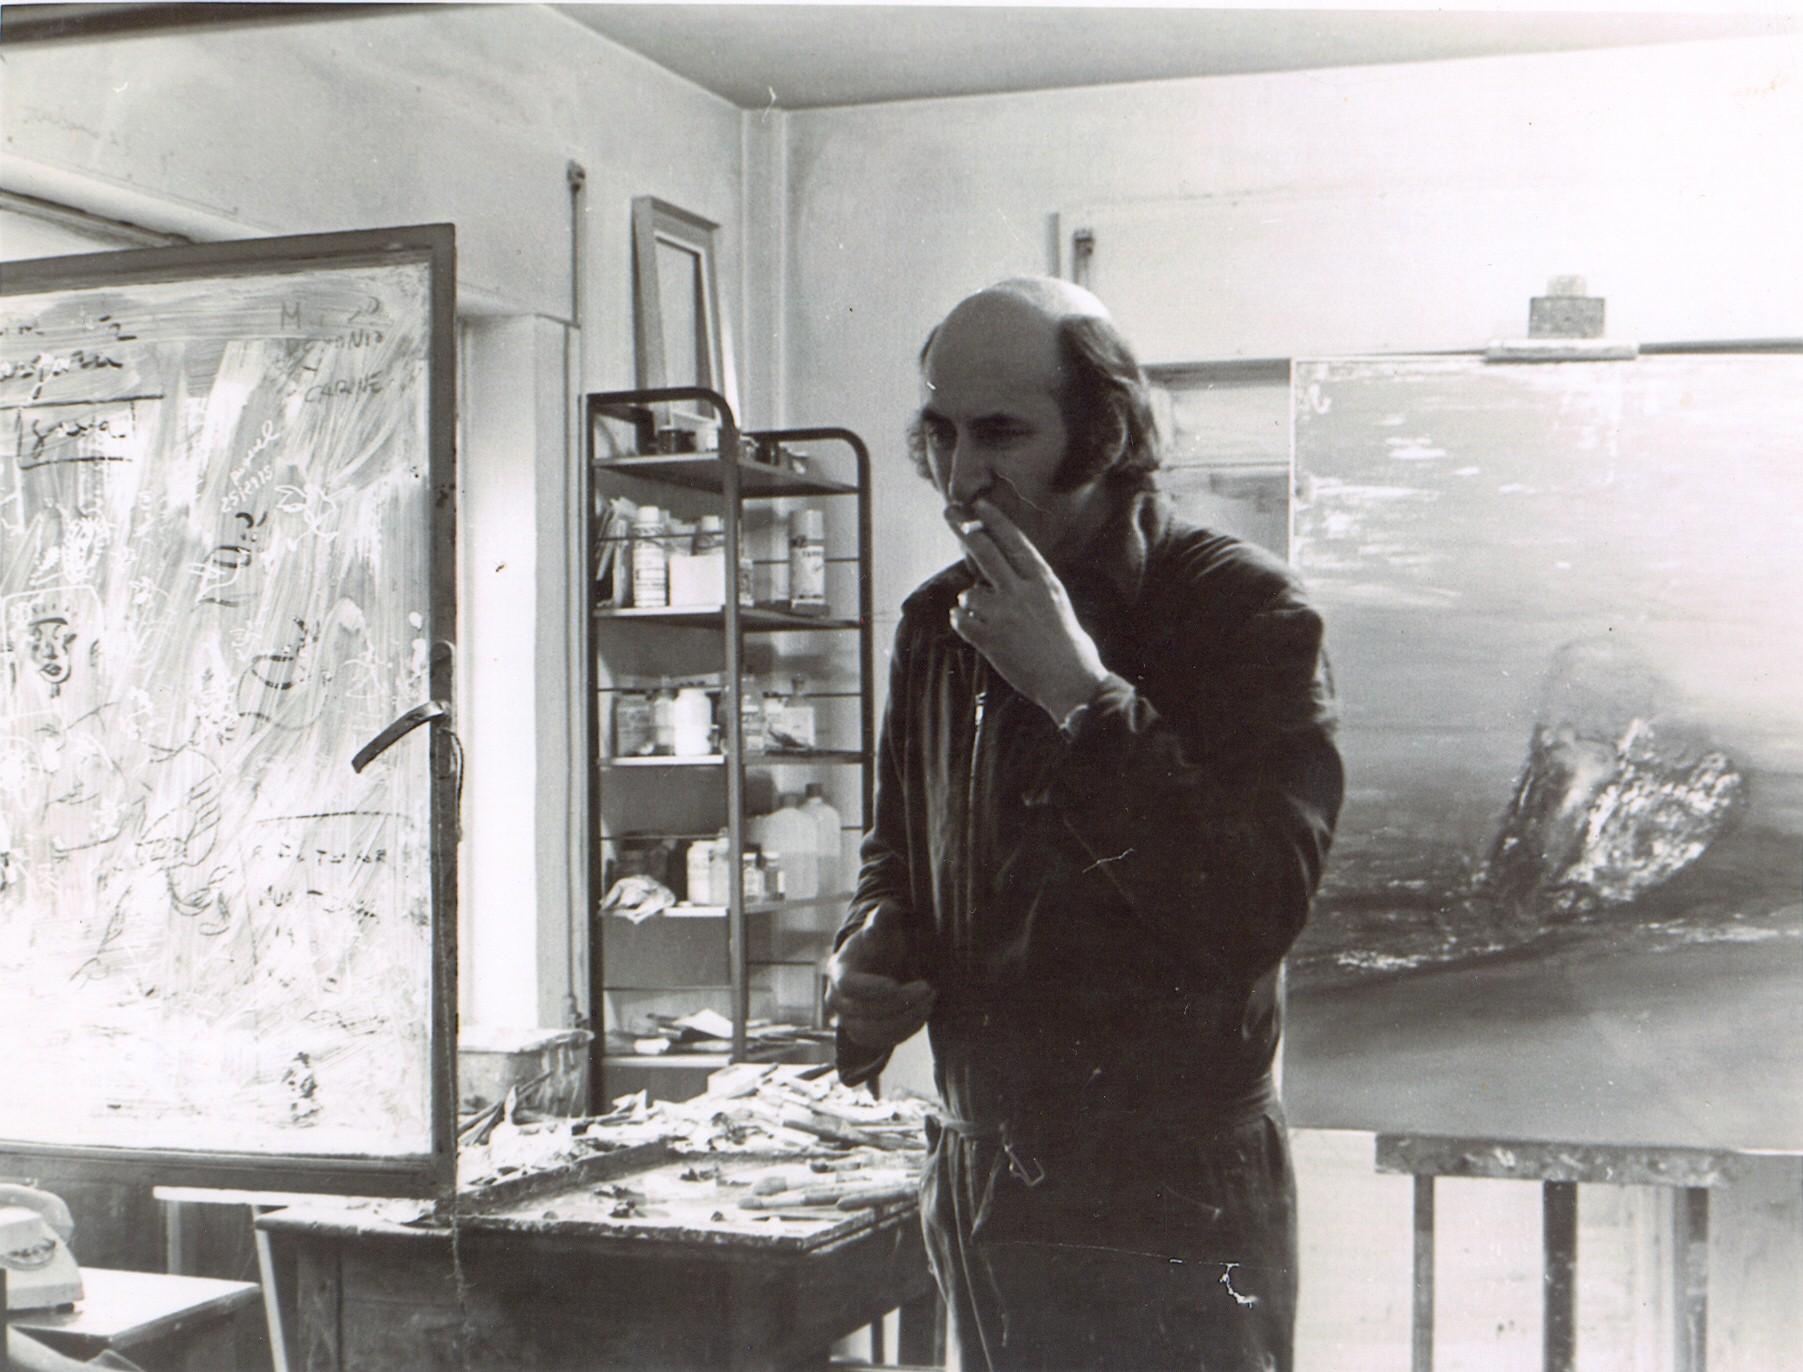 Jornada de trabajo en su estudio de Parque San Juan Bautista, en la obra El coloso de las mutaciones. Madrid 1975.